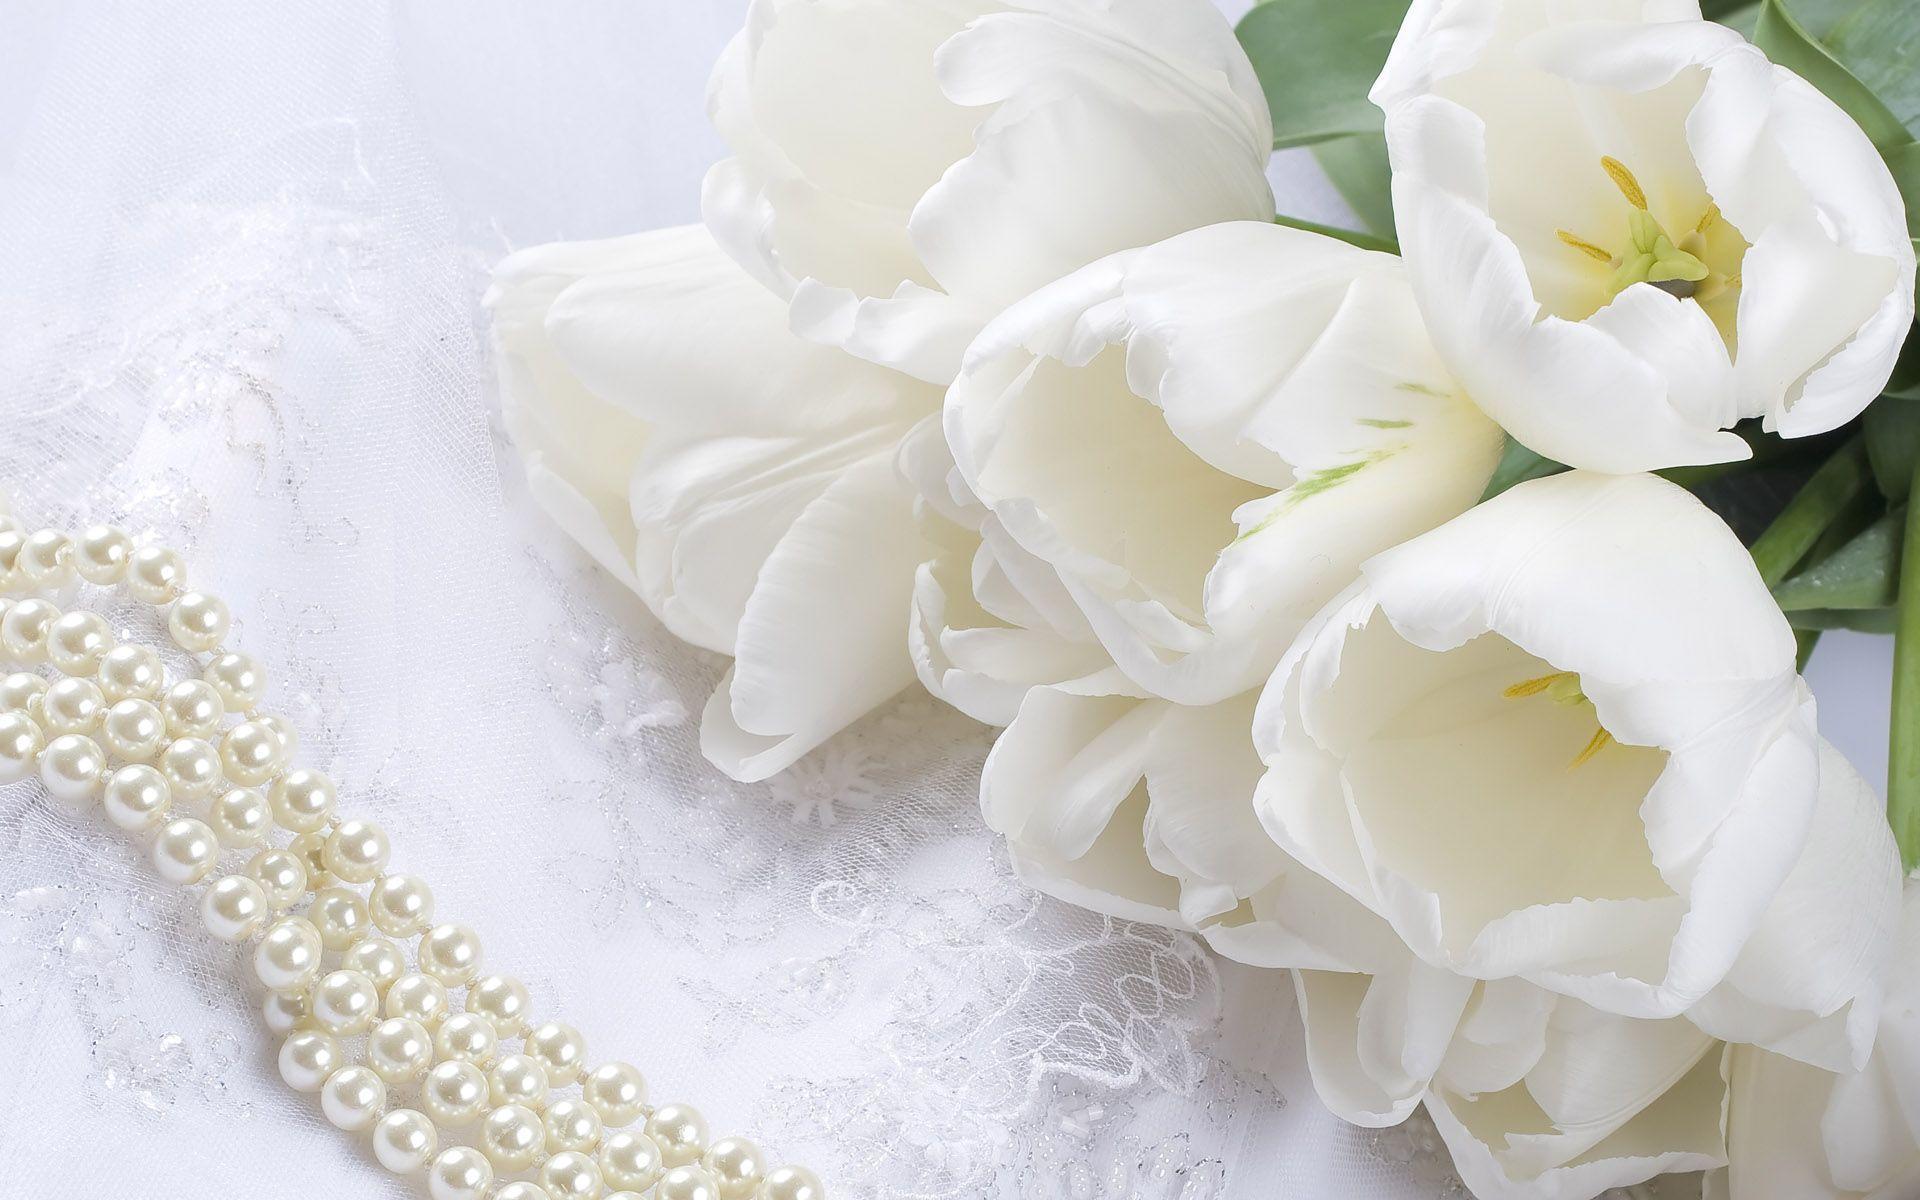 Wallpapers For White Flower Desktop